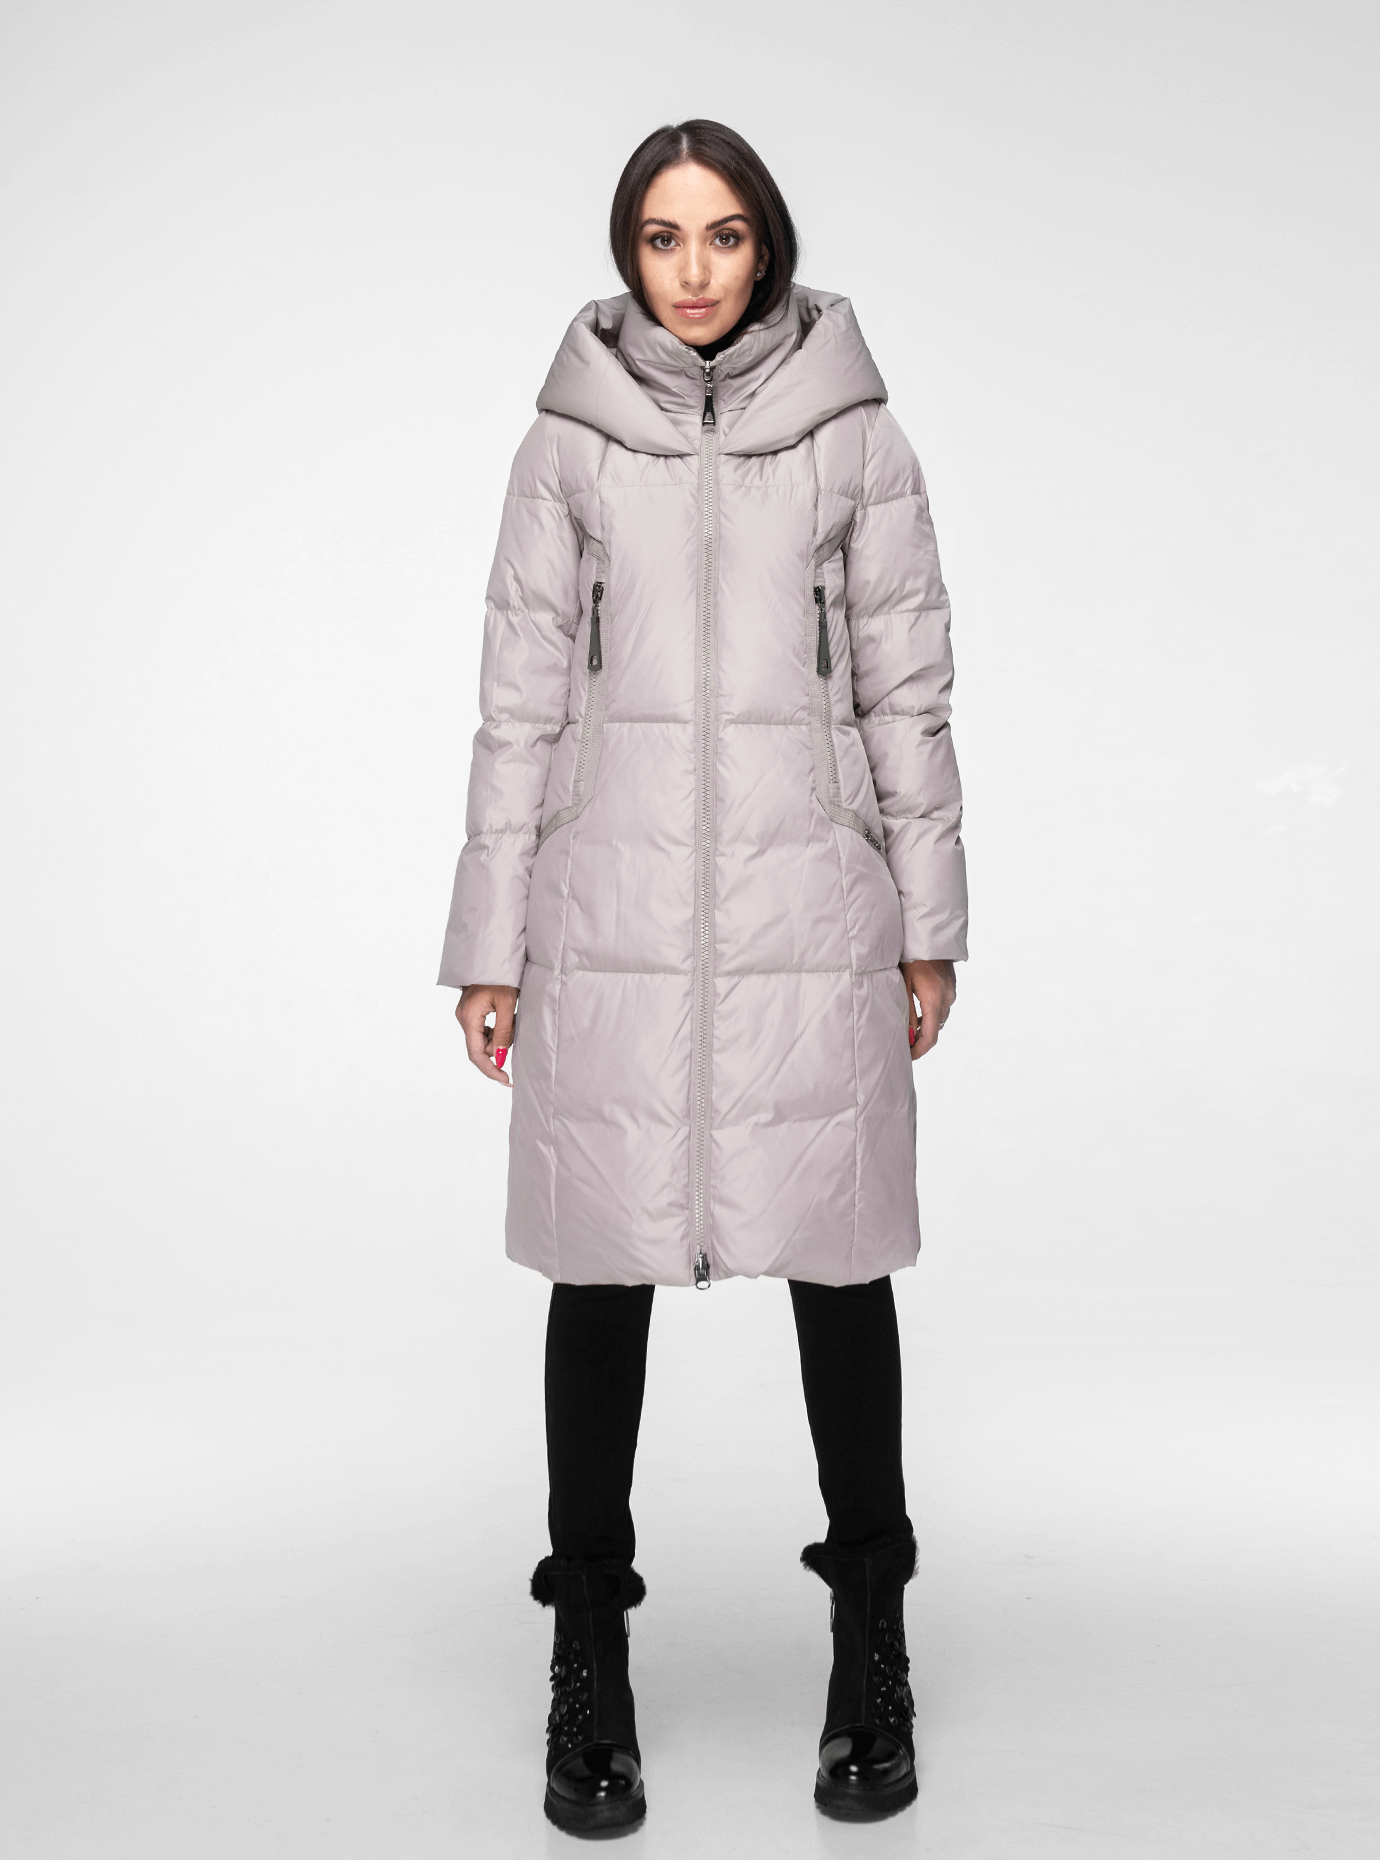 Классическая зимняя женская куртка Светло-серый S (02-190211): фото - Alster.ua